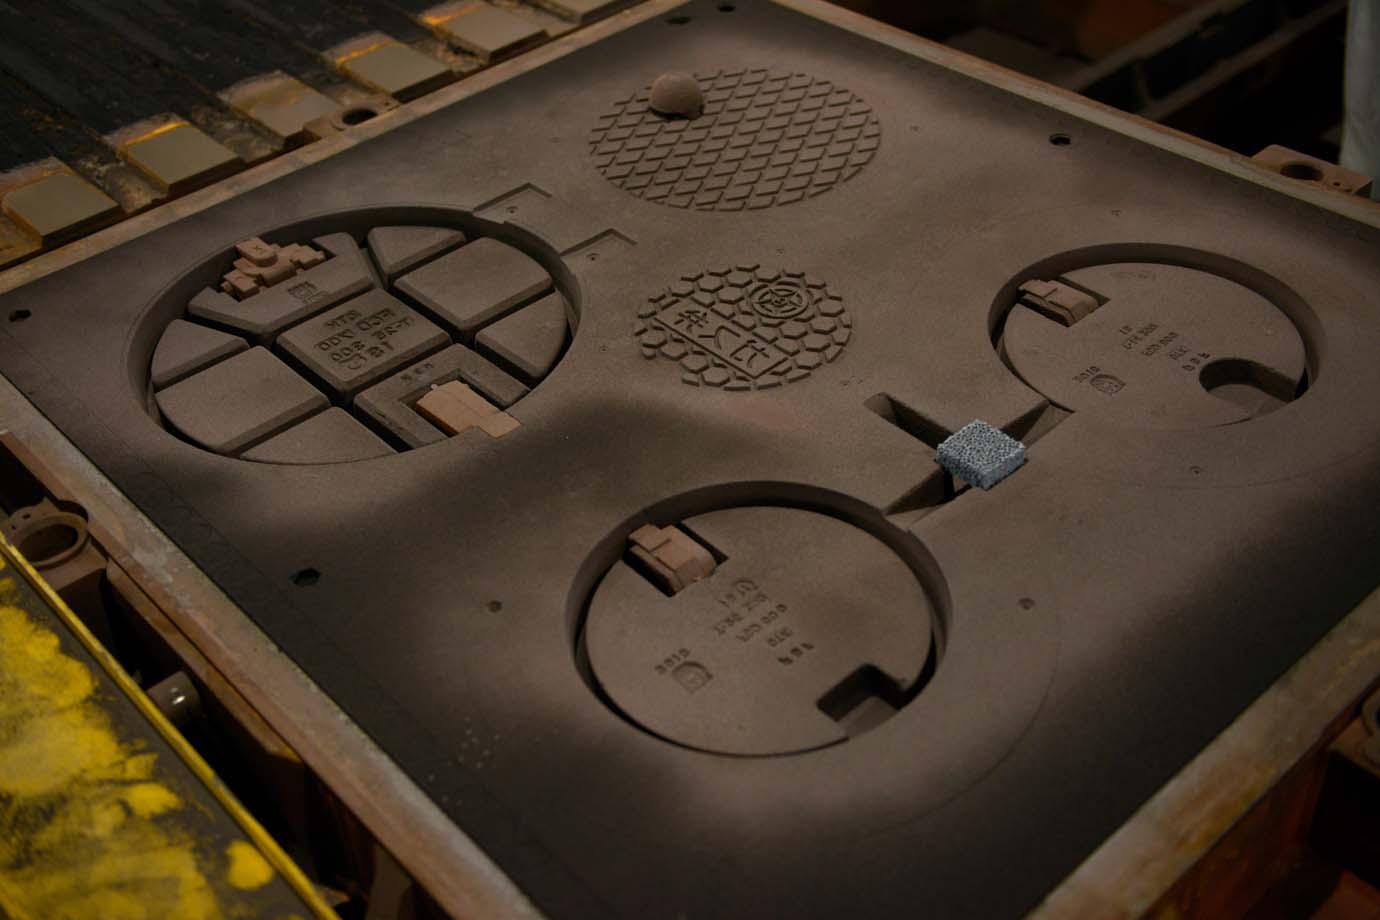 こちらがアルミ型を元に作られた鋳型。マンホールの形をした空洞に鉄を流し込んで成形します